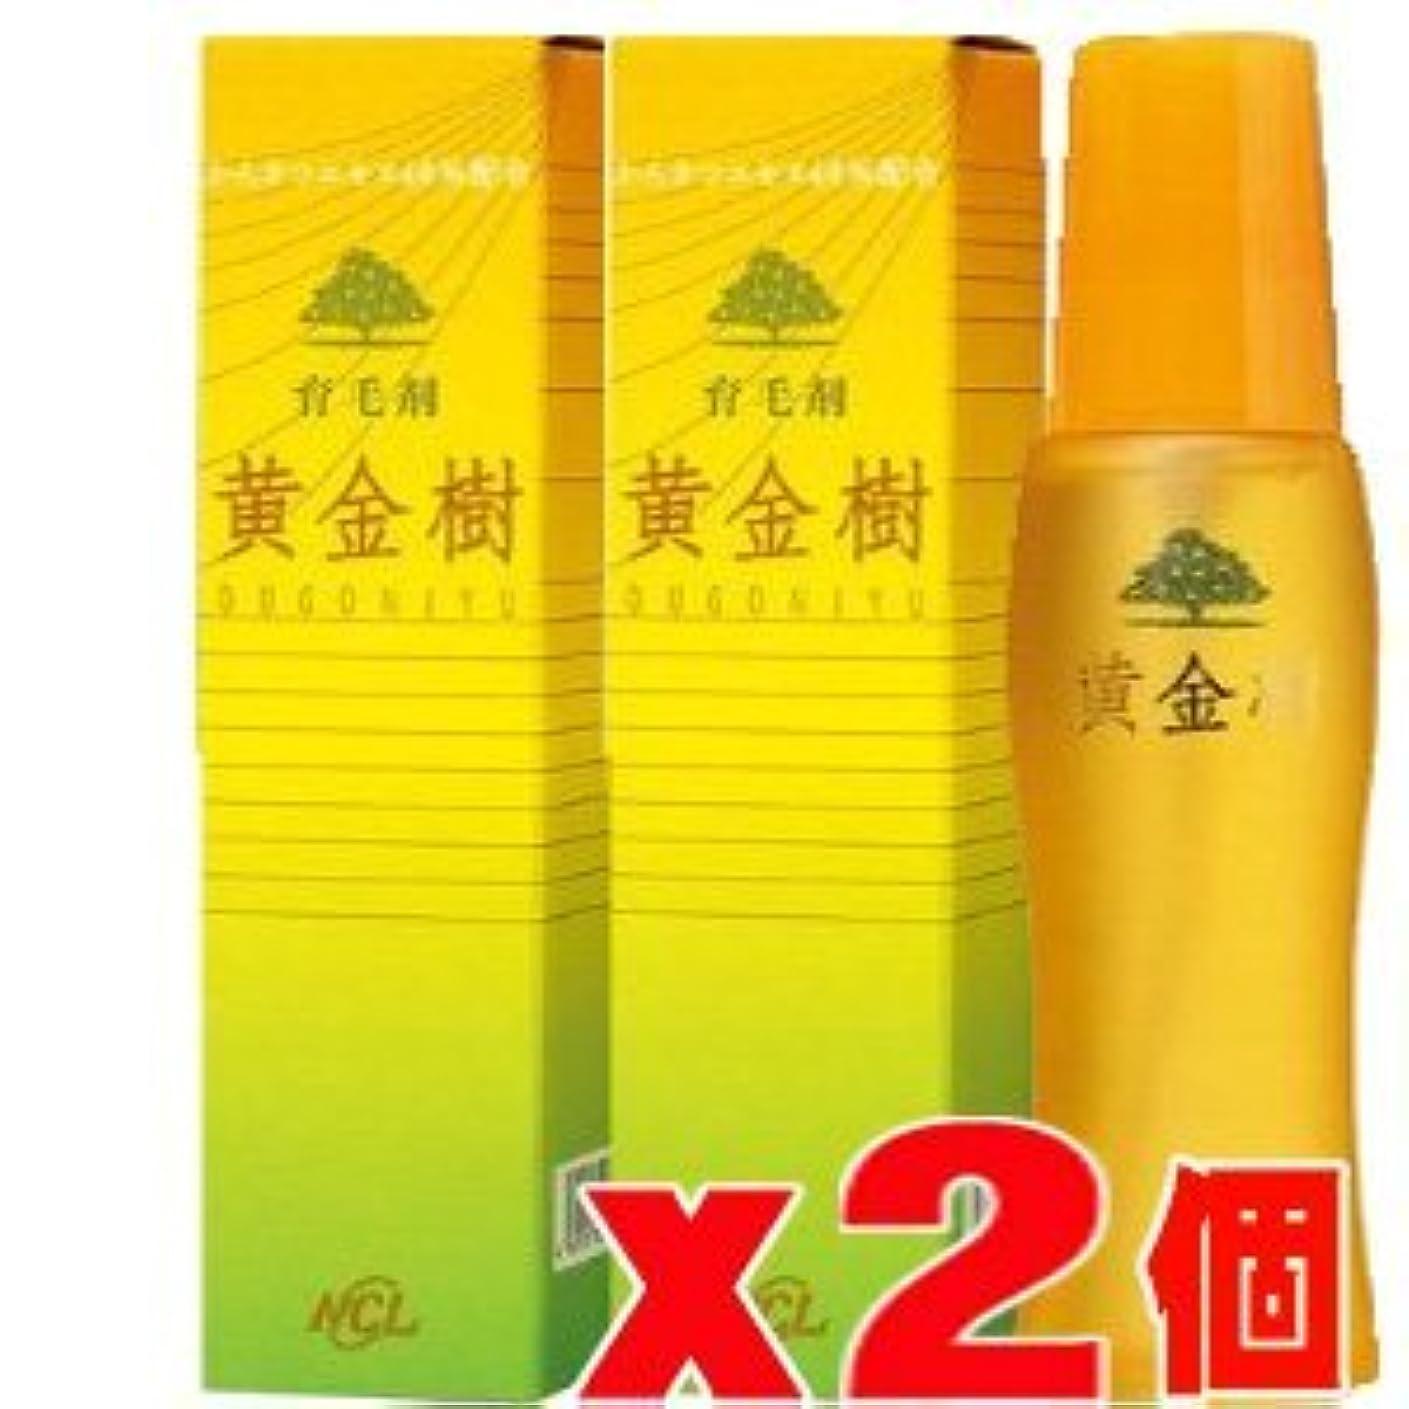 ましい化合物レスリング【2個】 黄金樹 120mLx2個 (4560436711117)